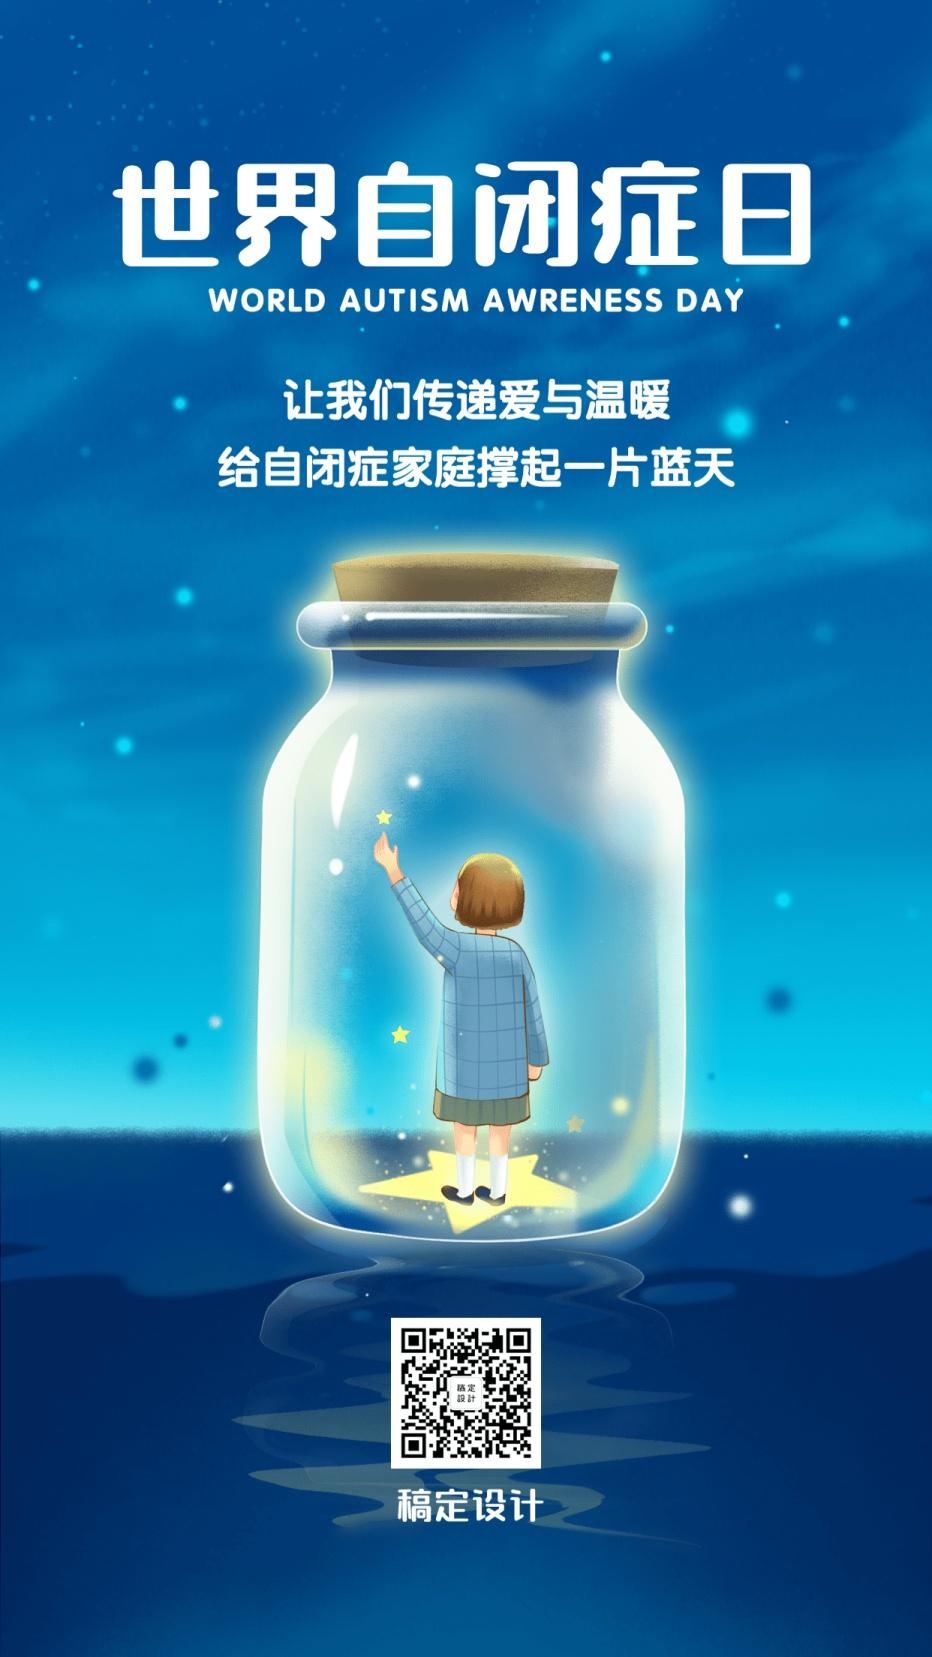 自闭症日关爱儿童插画手机海报